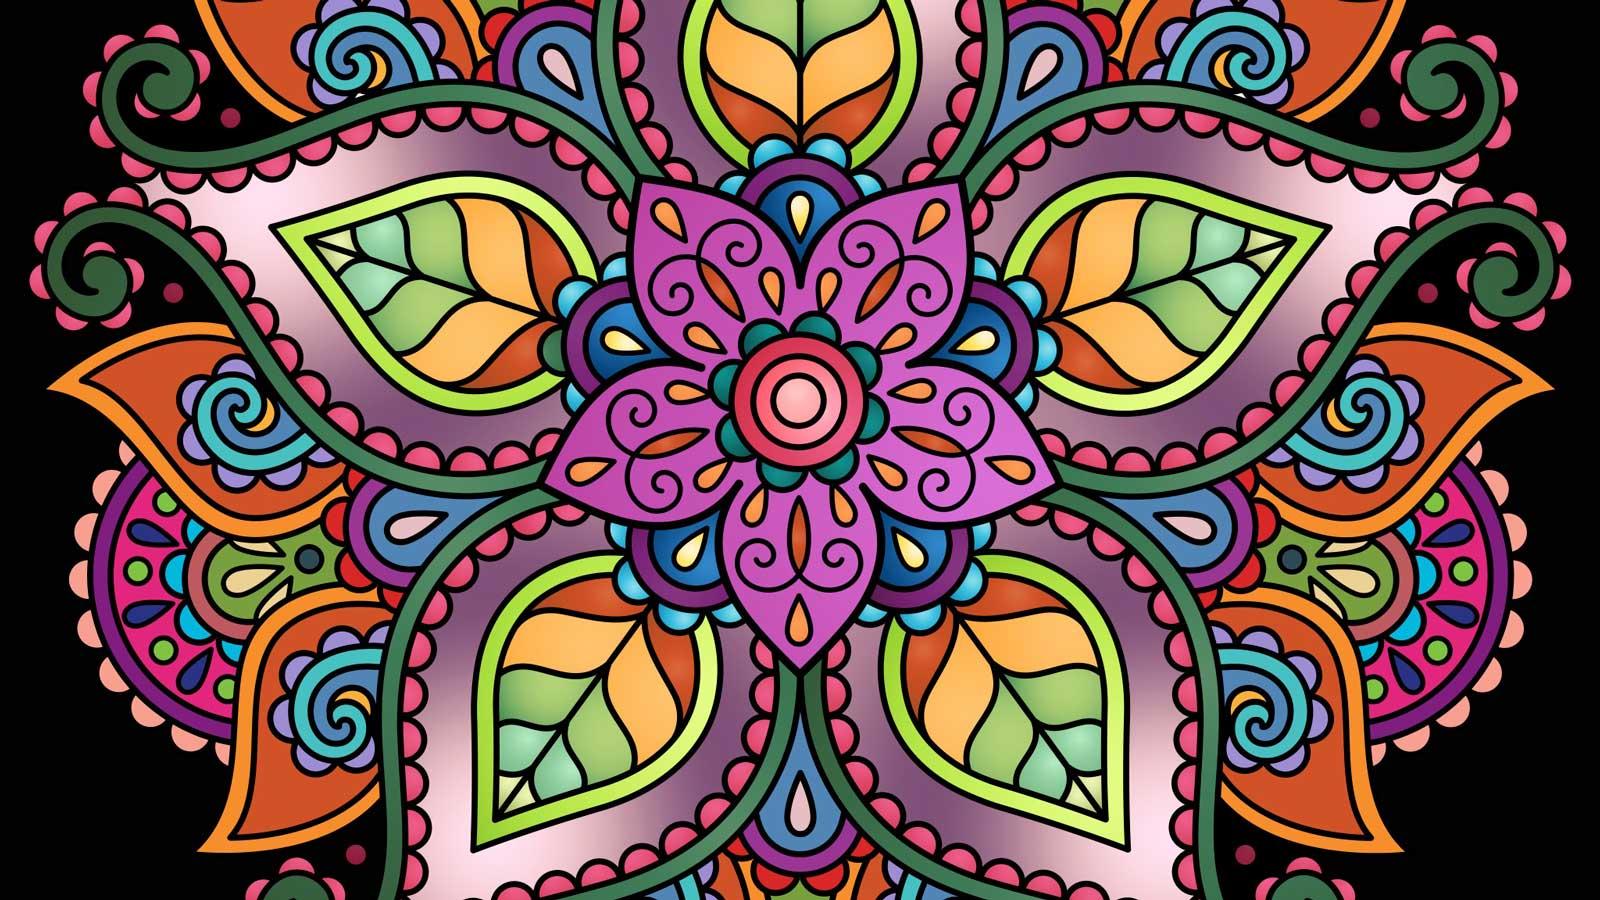 Chakra - Página 51 de 76 - Conoce tus chakras. El blog del chakra. a75f4878a816